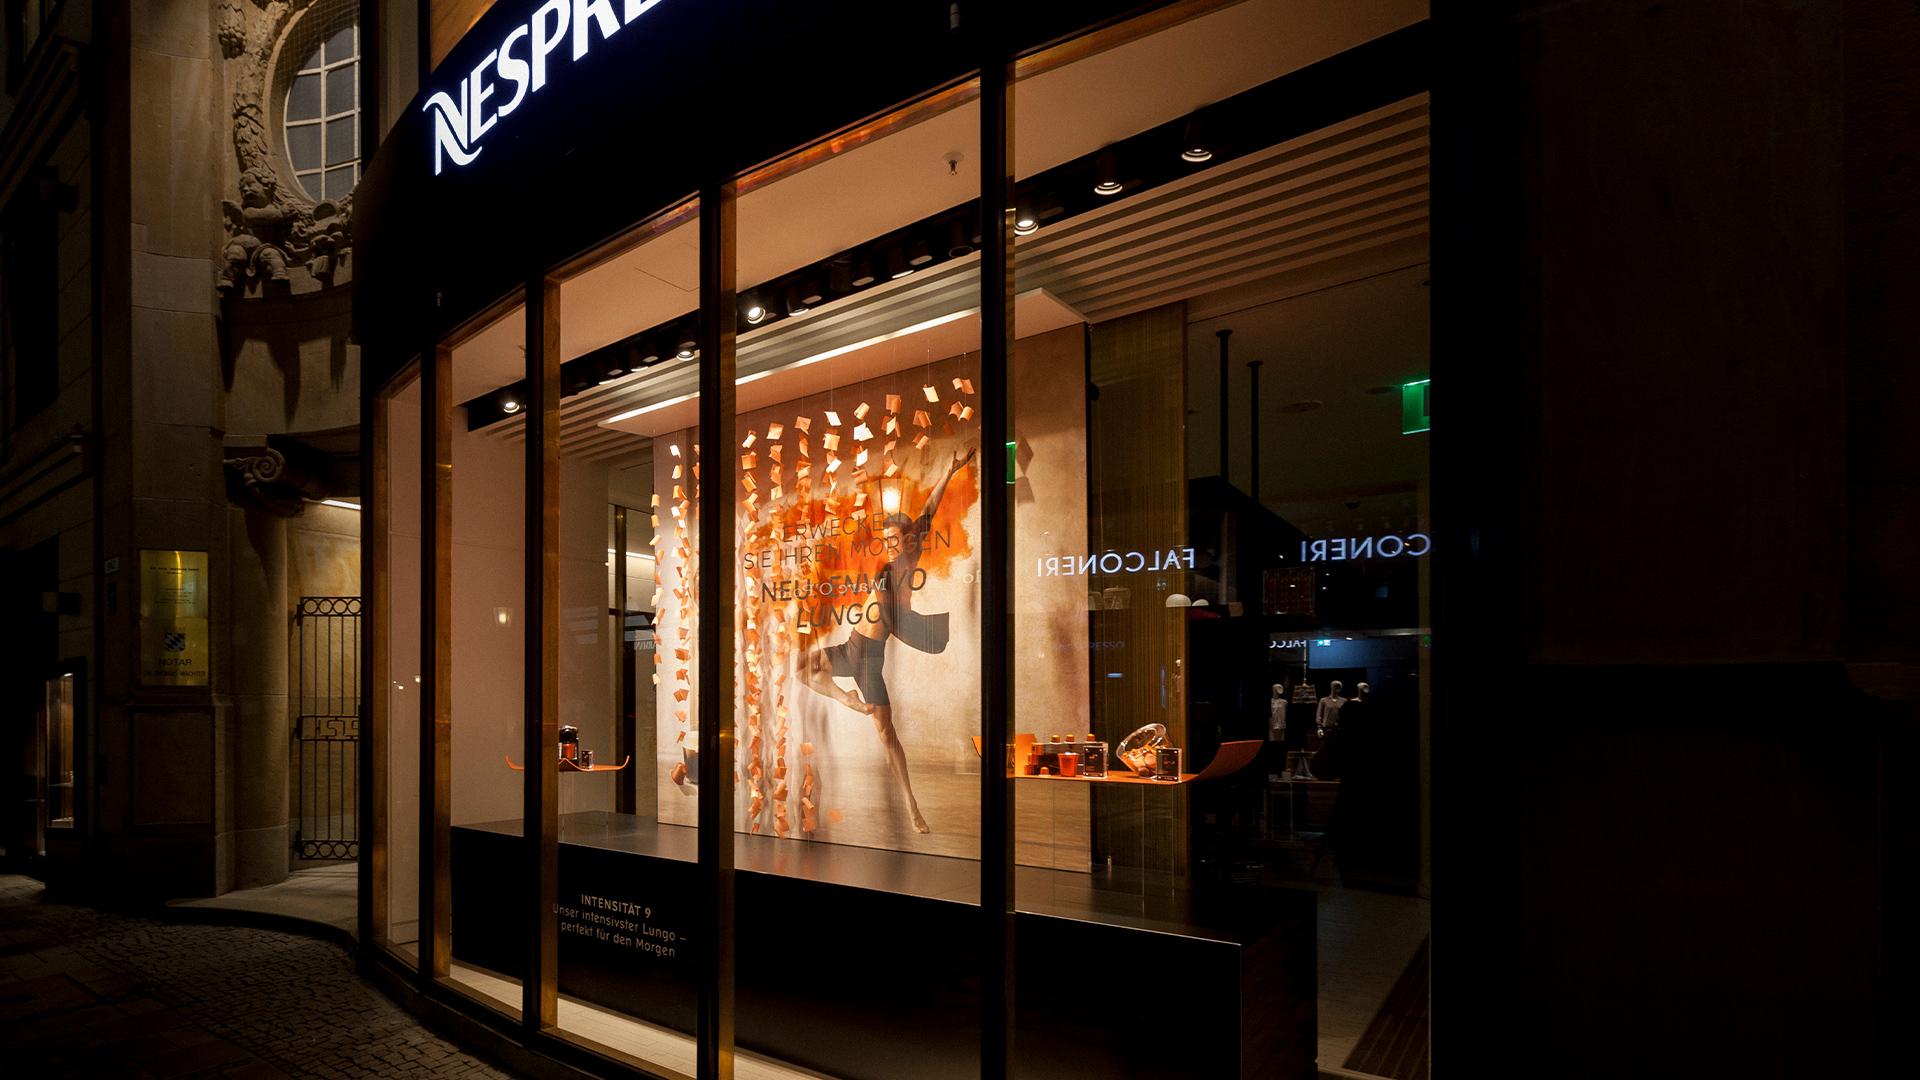 LIGANOVA   Nespresso   POS Campaign – Envivo Lungo   Insights